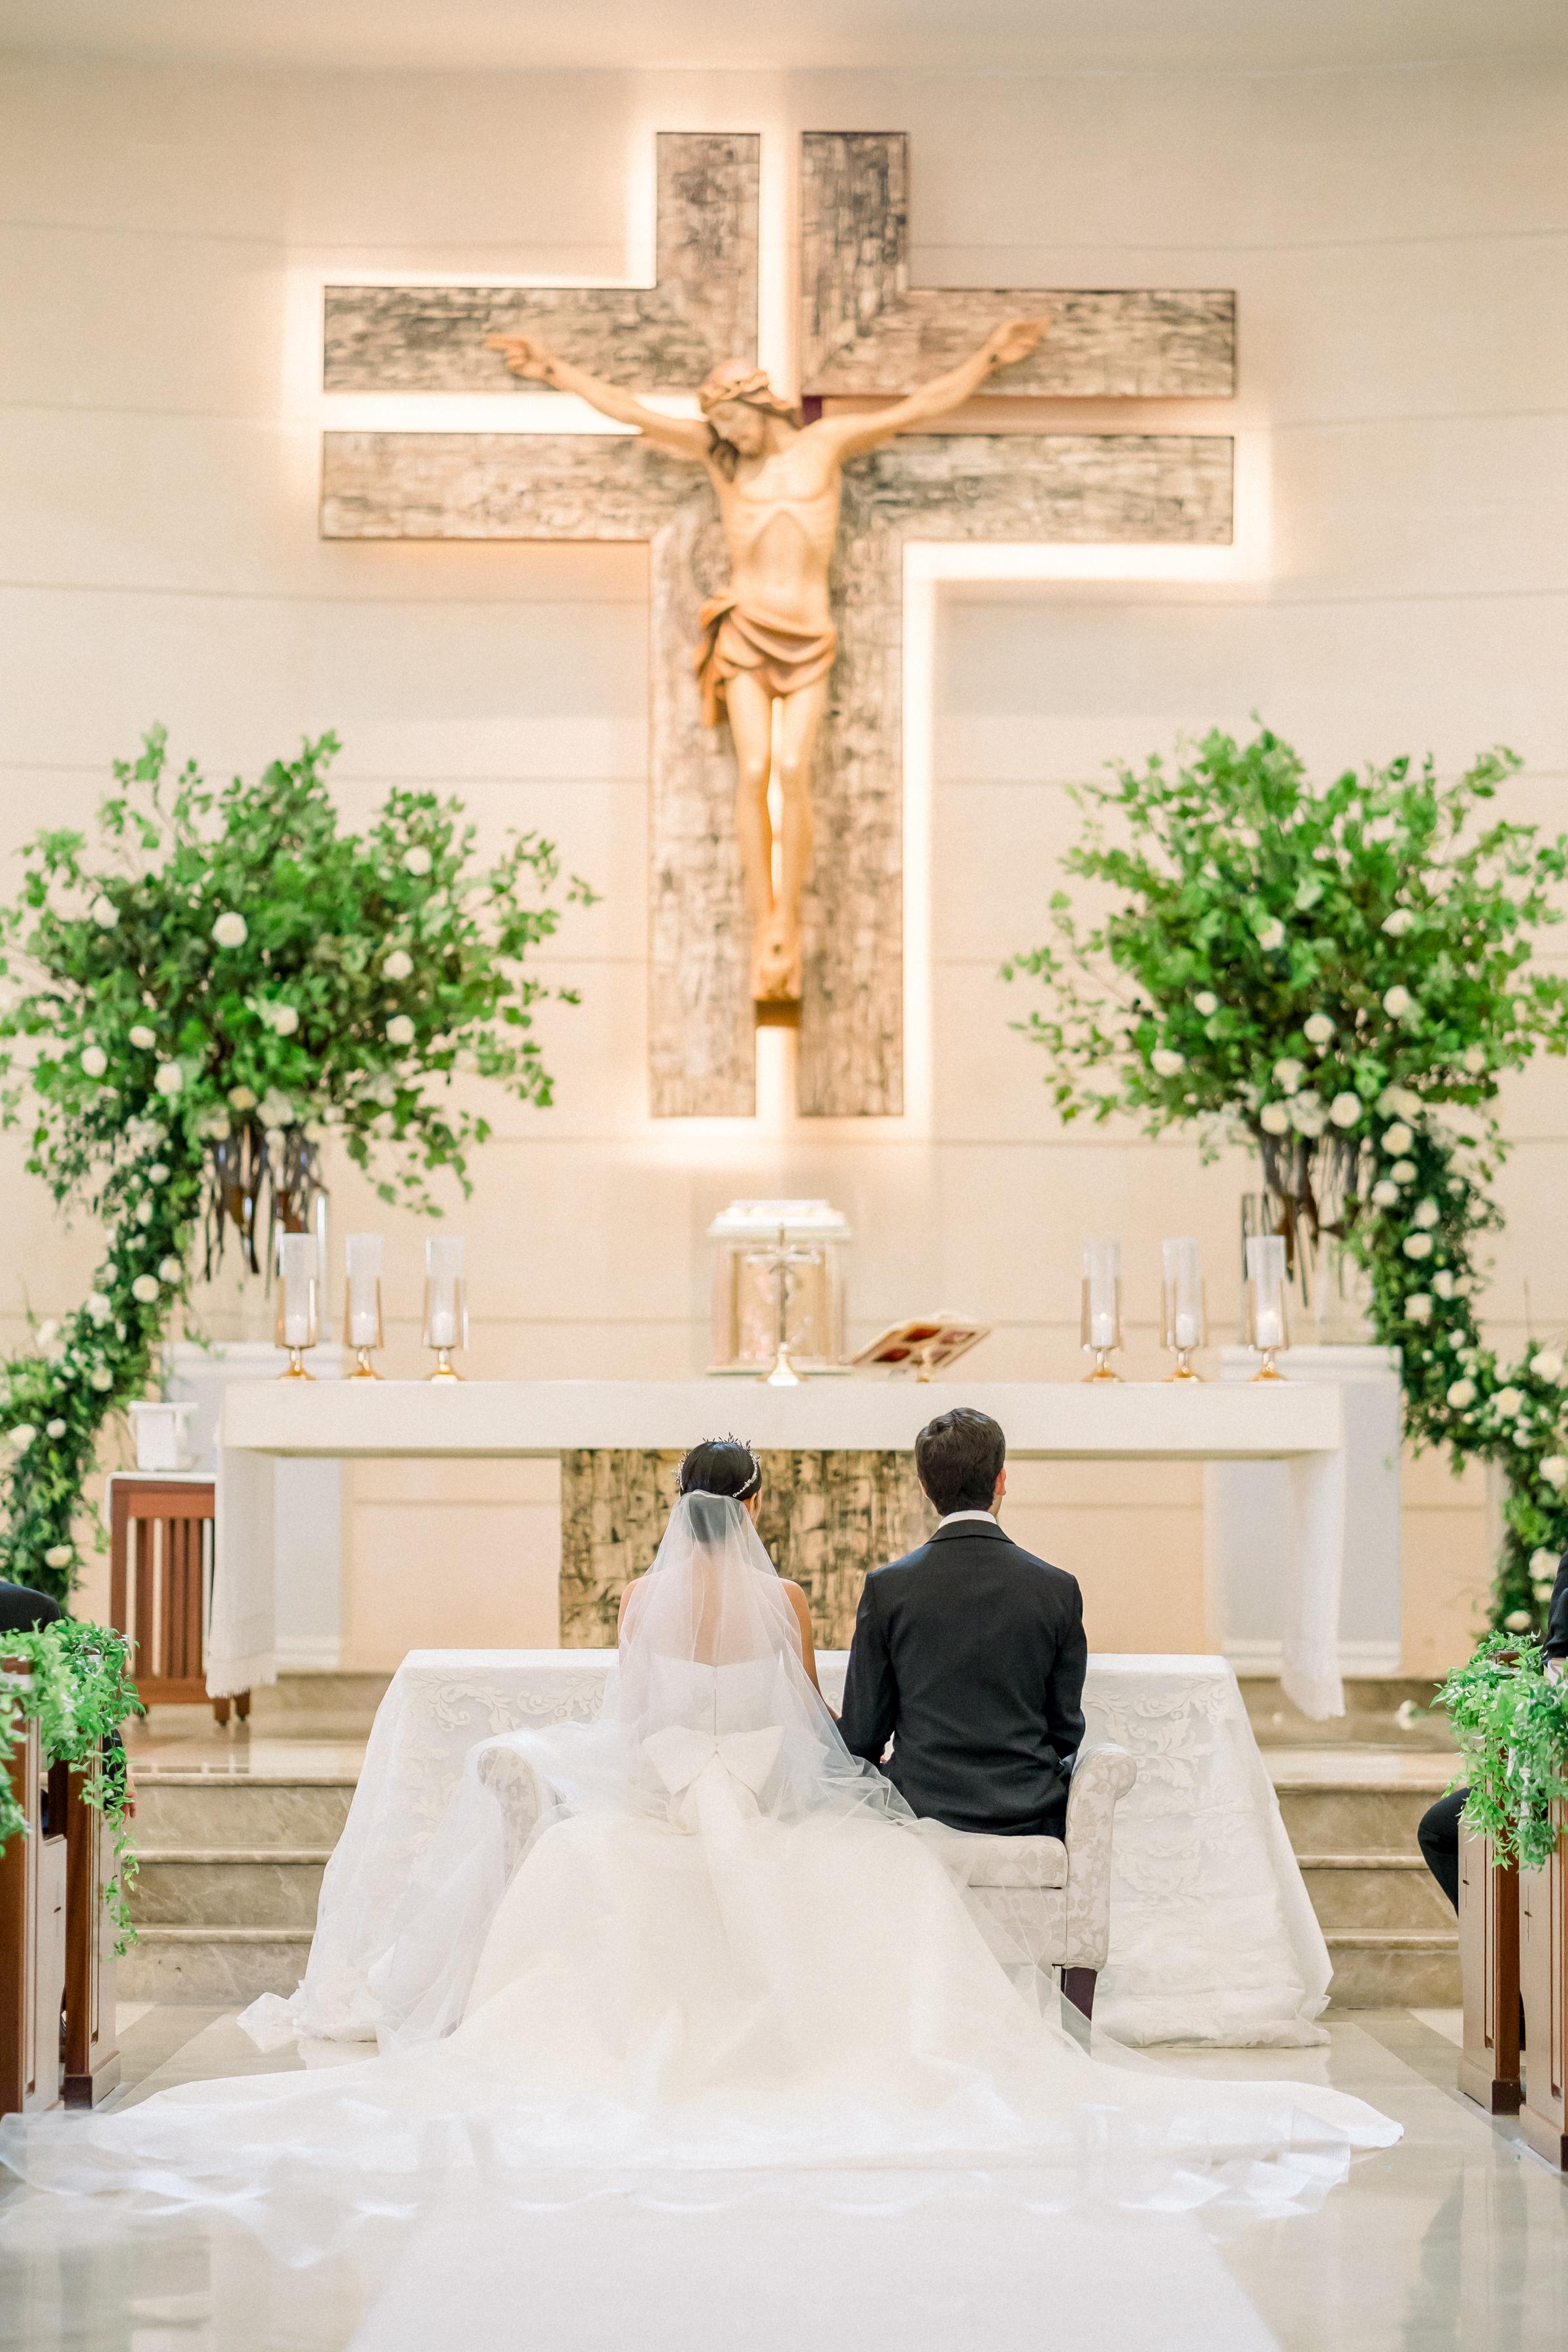 Recepción: Iglesia Stella Maris (Foto: José Ruiz Photography)